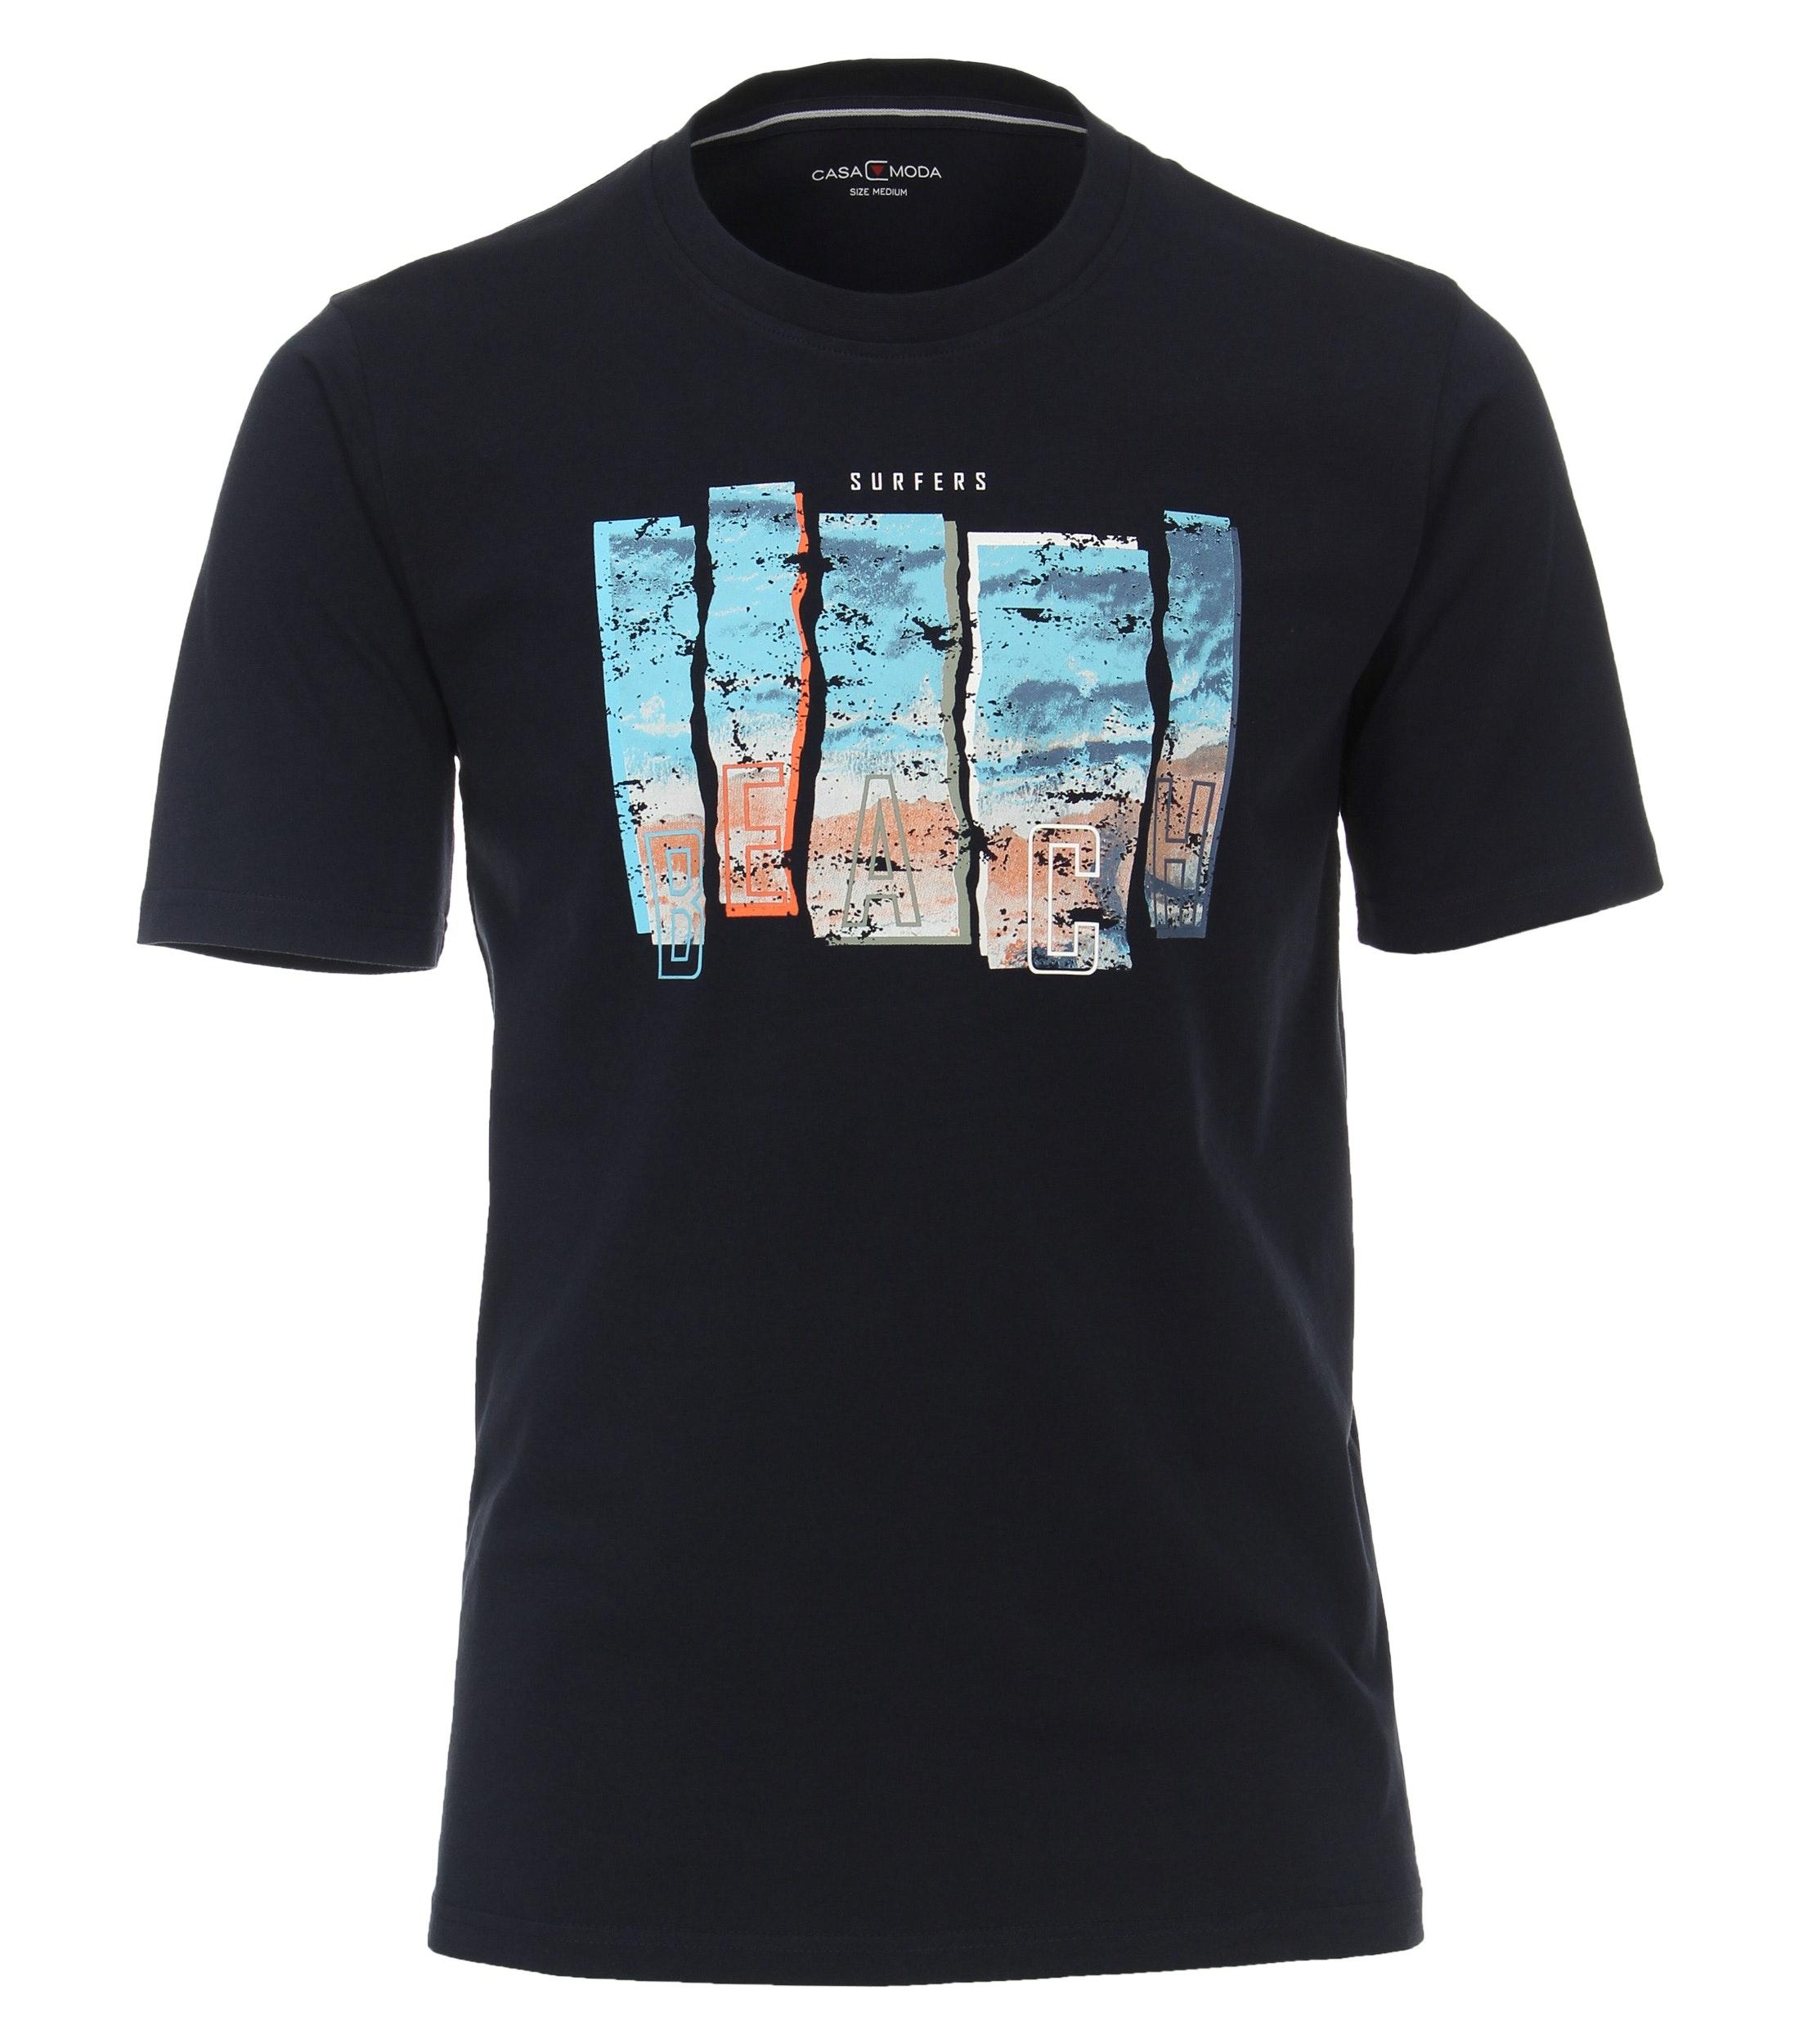 """T-Shirt """"Beach"""" van merk CASA MODA in de kleur navy, gemaakt van 100% katoen. Dit T-shirt is gemaakt van puur katoen en is zeer comfortabel om te dragen. Het sportieve design met trendy logoprint past perfect bij elke sportieve look en kan op veel manieren worden gecombineerd. Of het nu gaat om jeans, chino's of shorts, dit T-shirt kan veelzijdig gedragen worden en is een absolute must have voor iedere garderobe."""